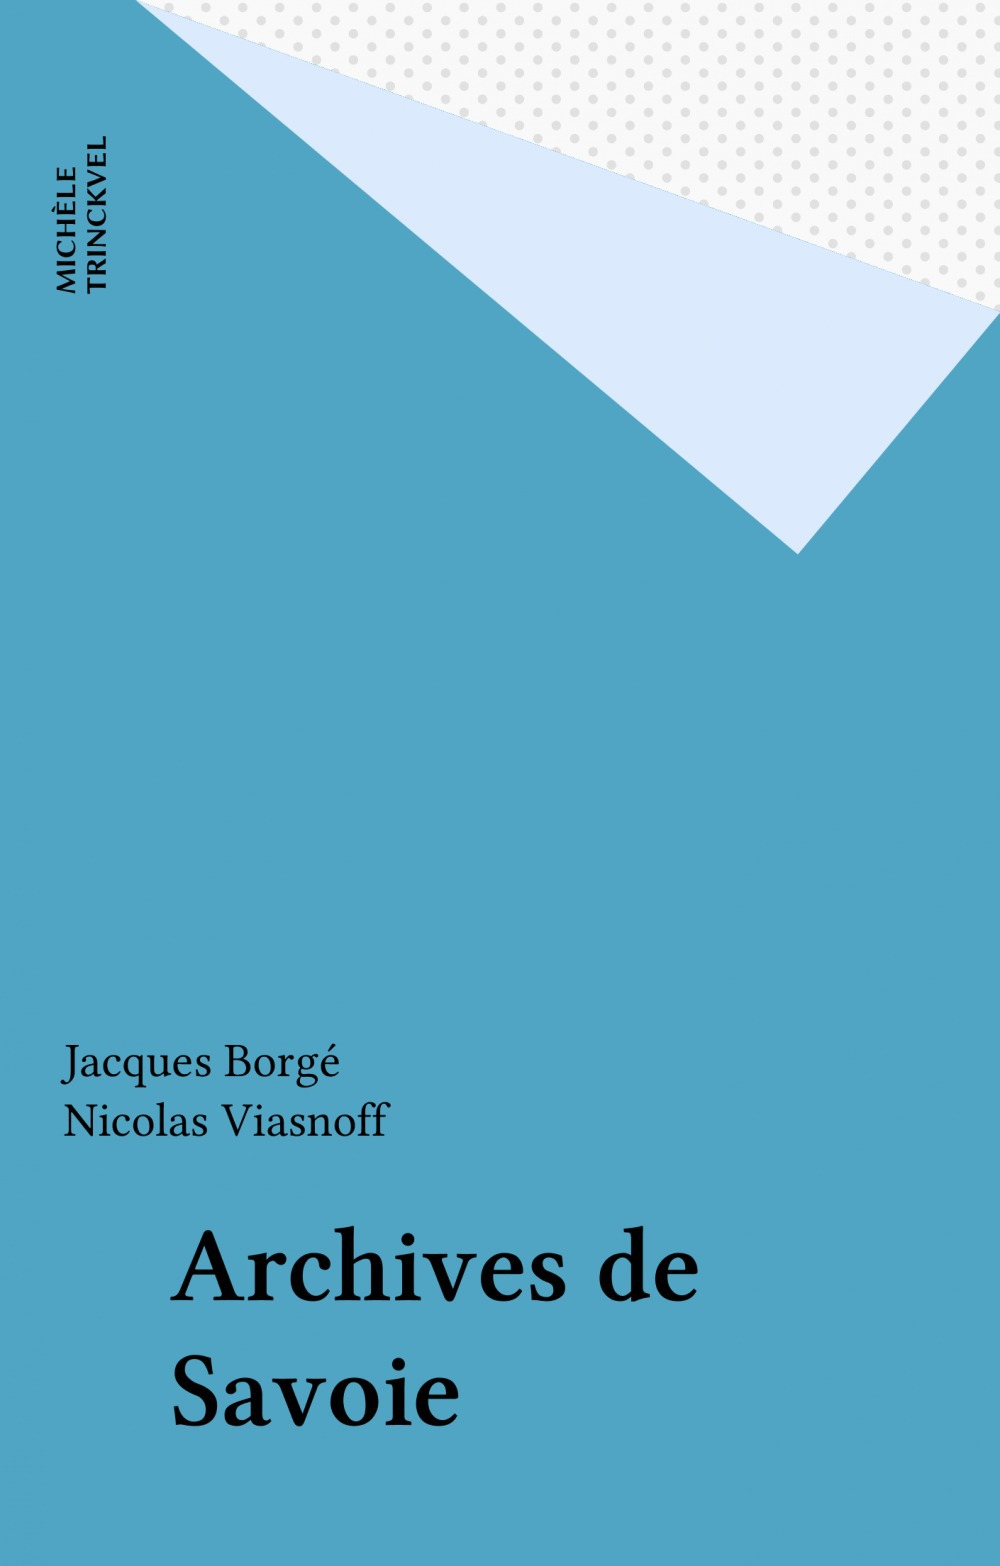 Archives de Savoie